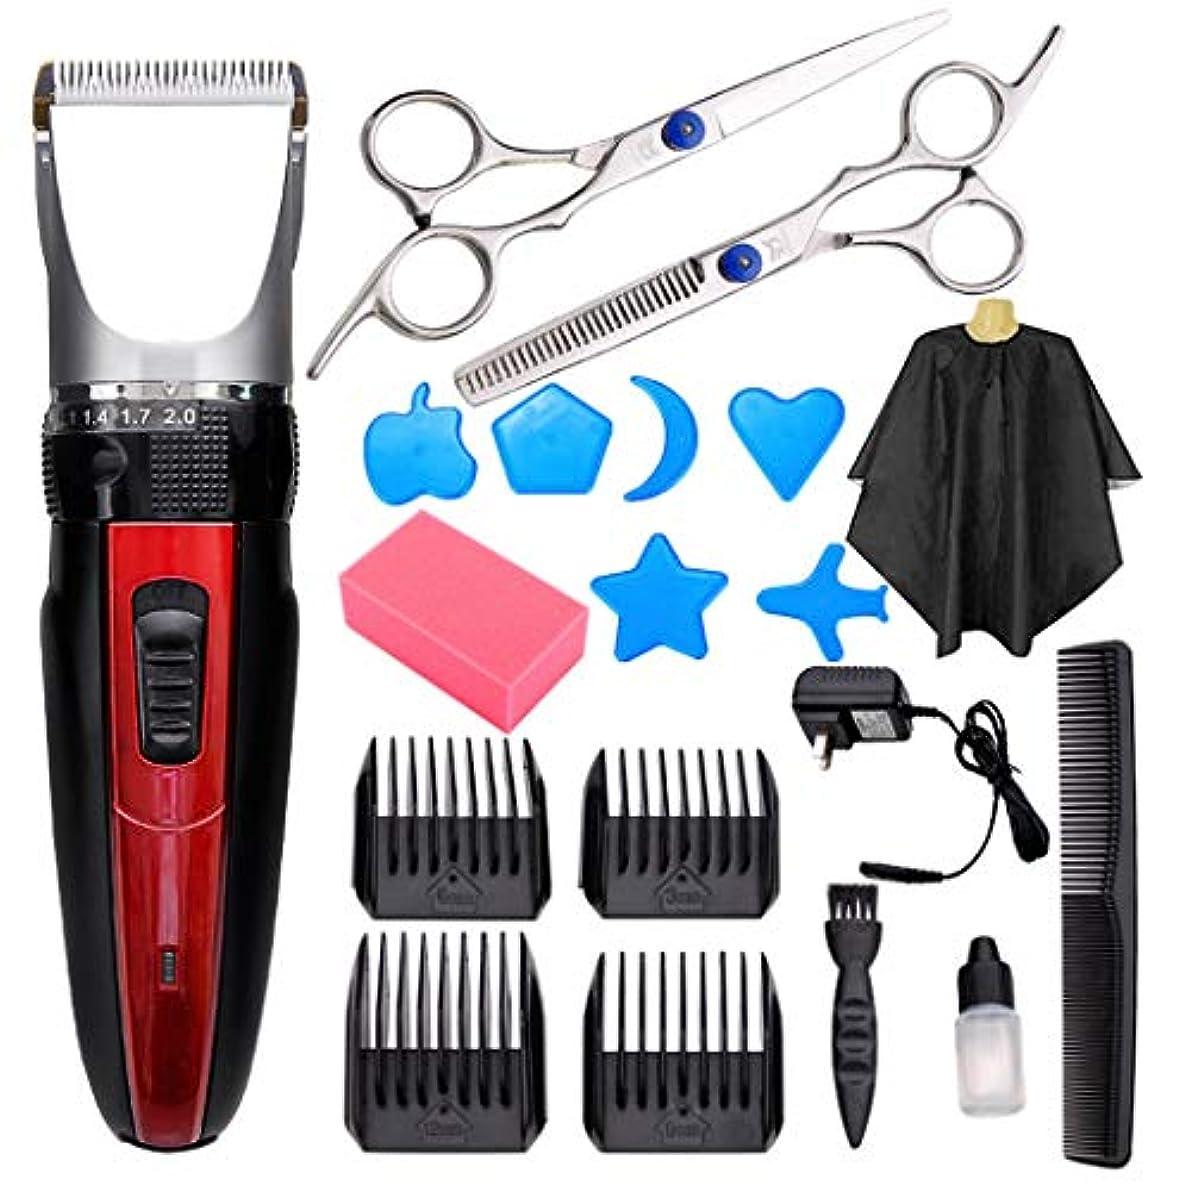 イブニング人口適格男性のバリカン、毎日の家の毛の切断の使用のためのシェーバーの充電のヘアカットの必要なクリーニング-red